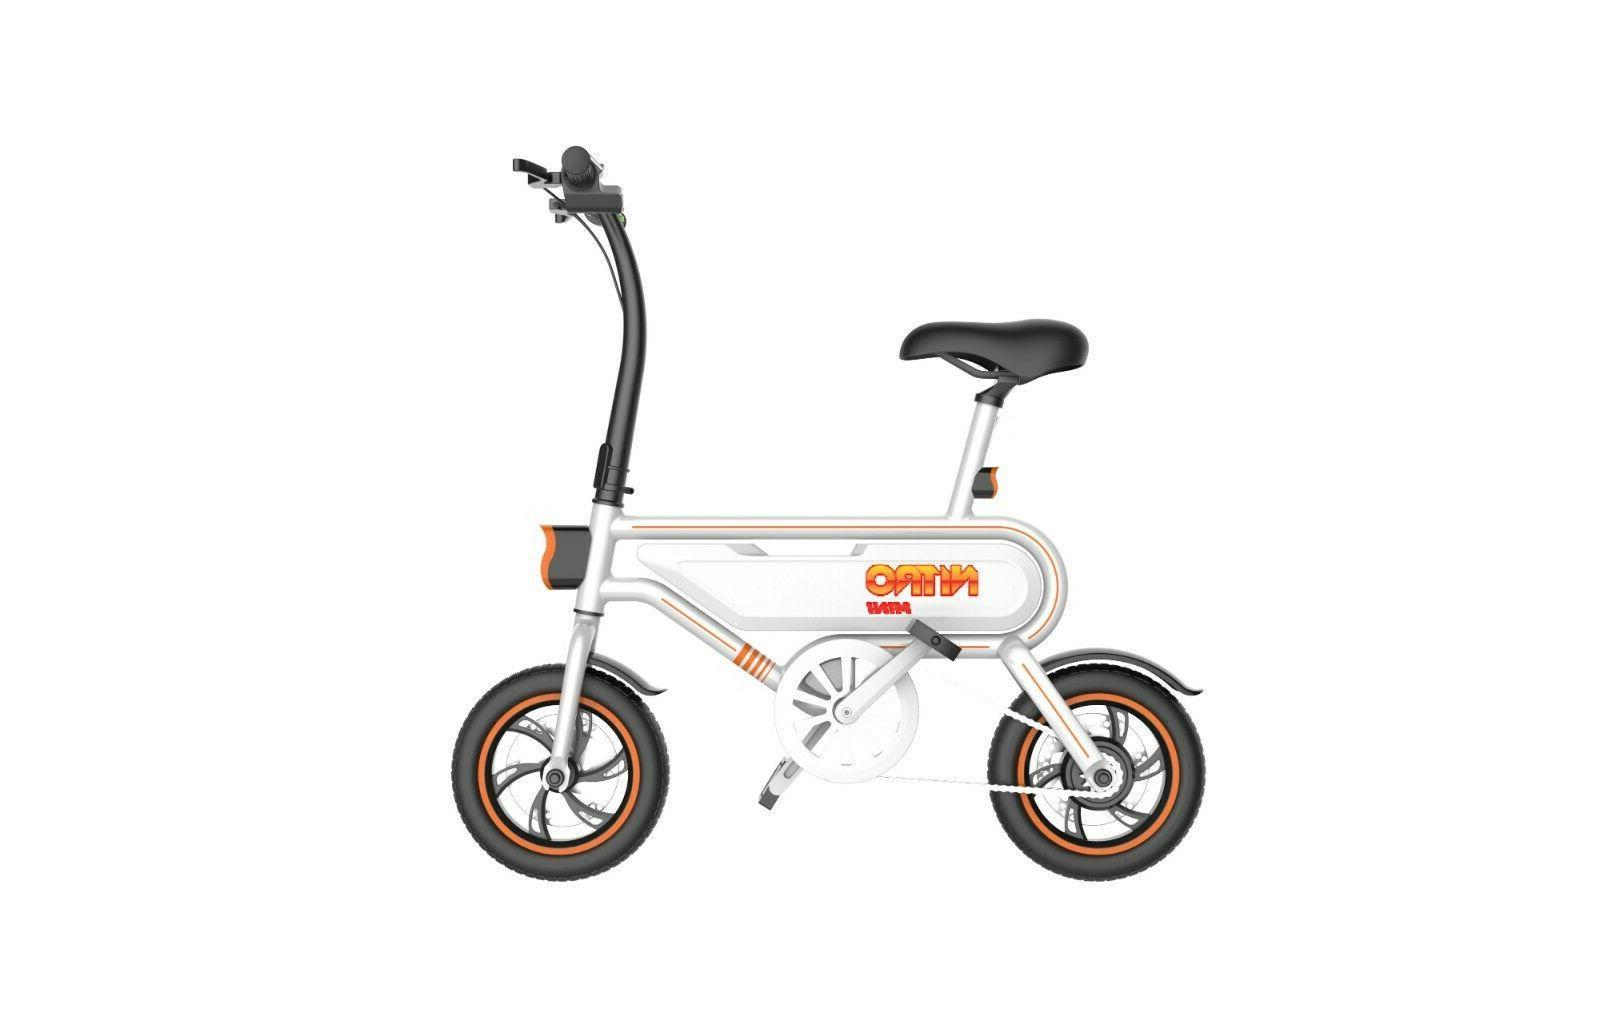 NITRO mini™ Electric Bicycle